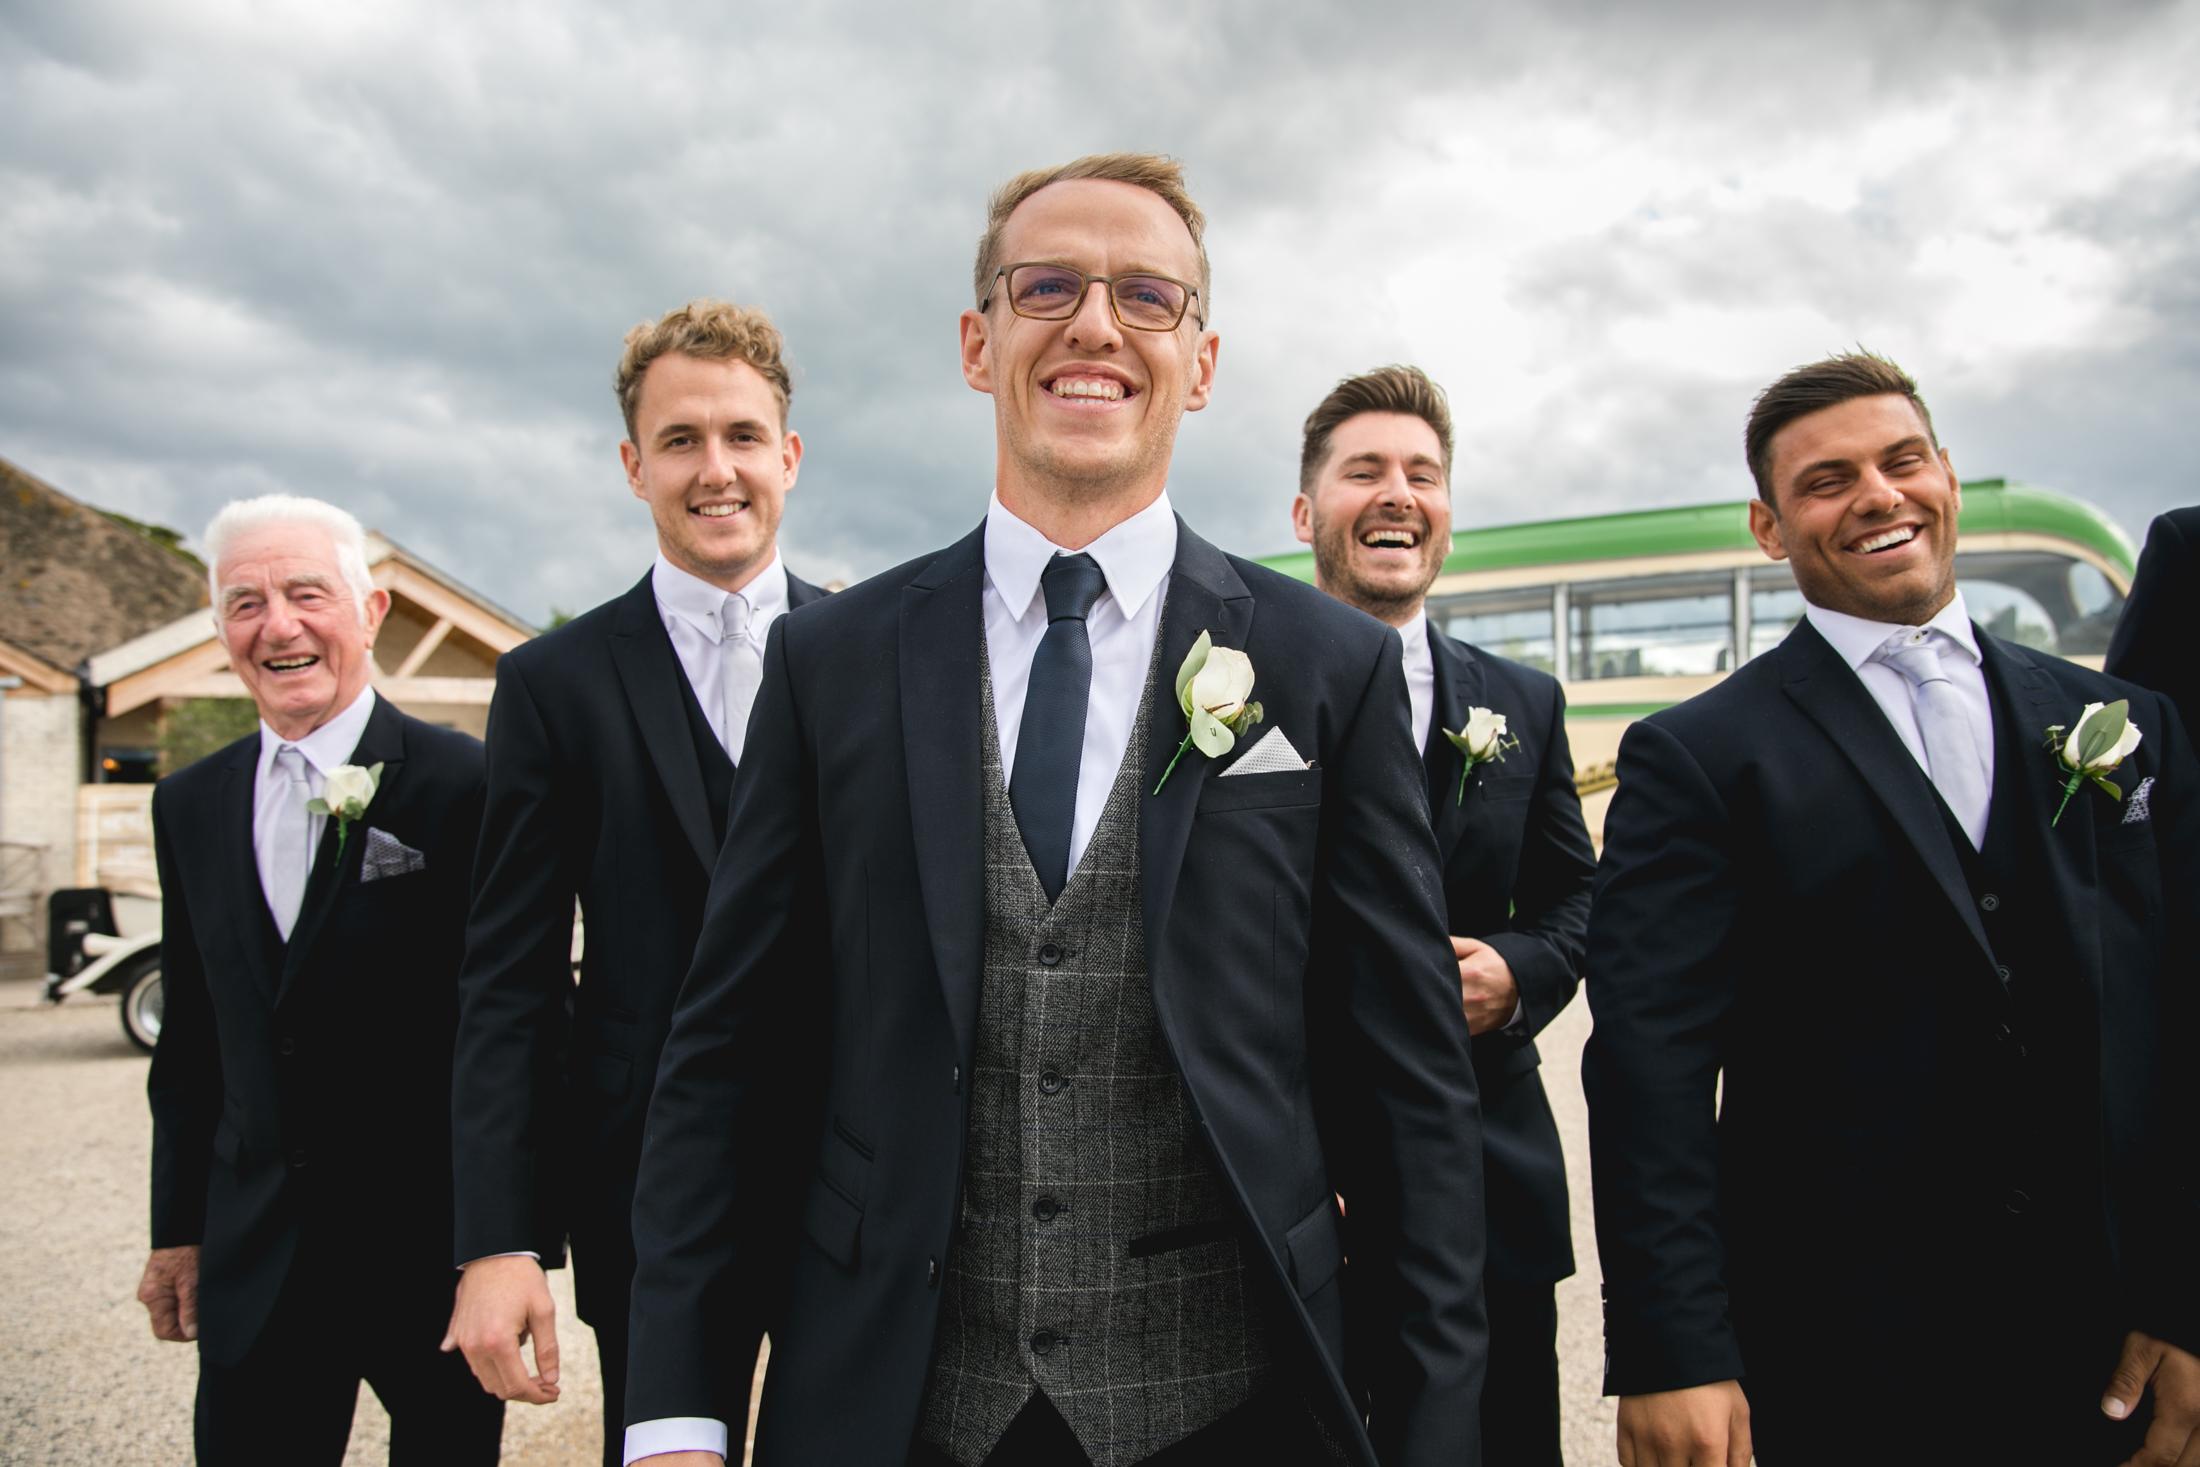 EDEN BARN WEDDING PHOTOGRAPHER-32.jpg